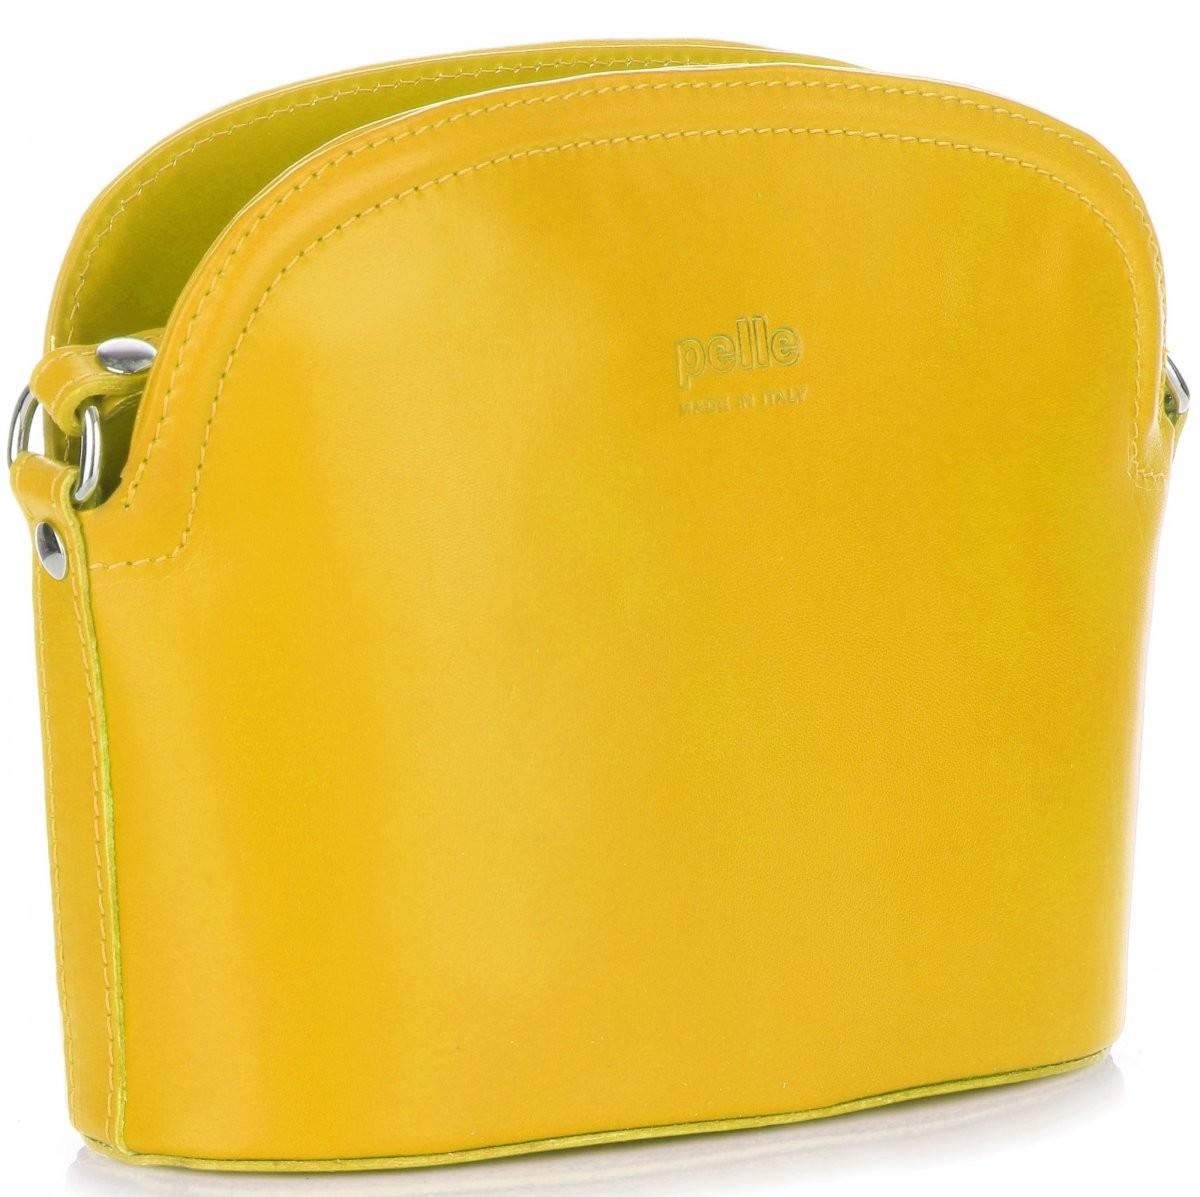 d82d7220365b8 Genuine Leather Włoskie Torebki Skórzane Listonoszki firmy wykonane z  Wytrzymałej Skóry Licowej Żółta (kolory)